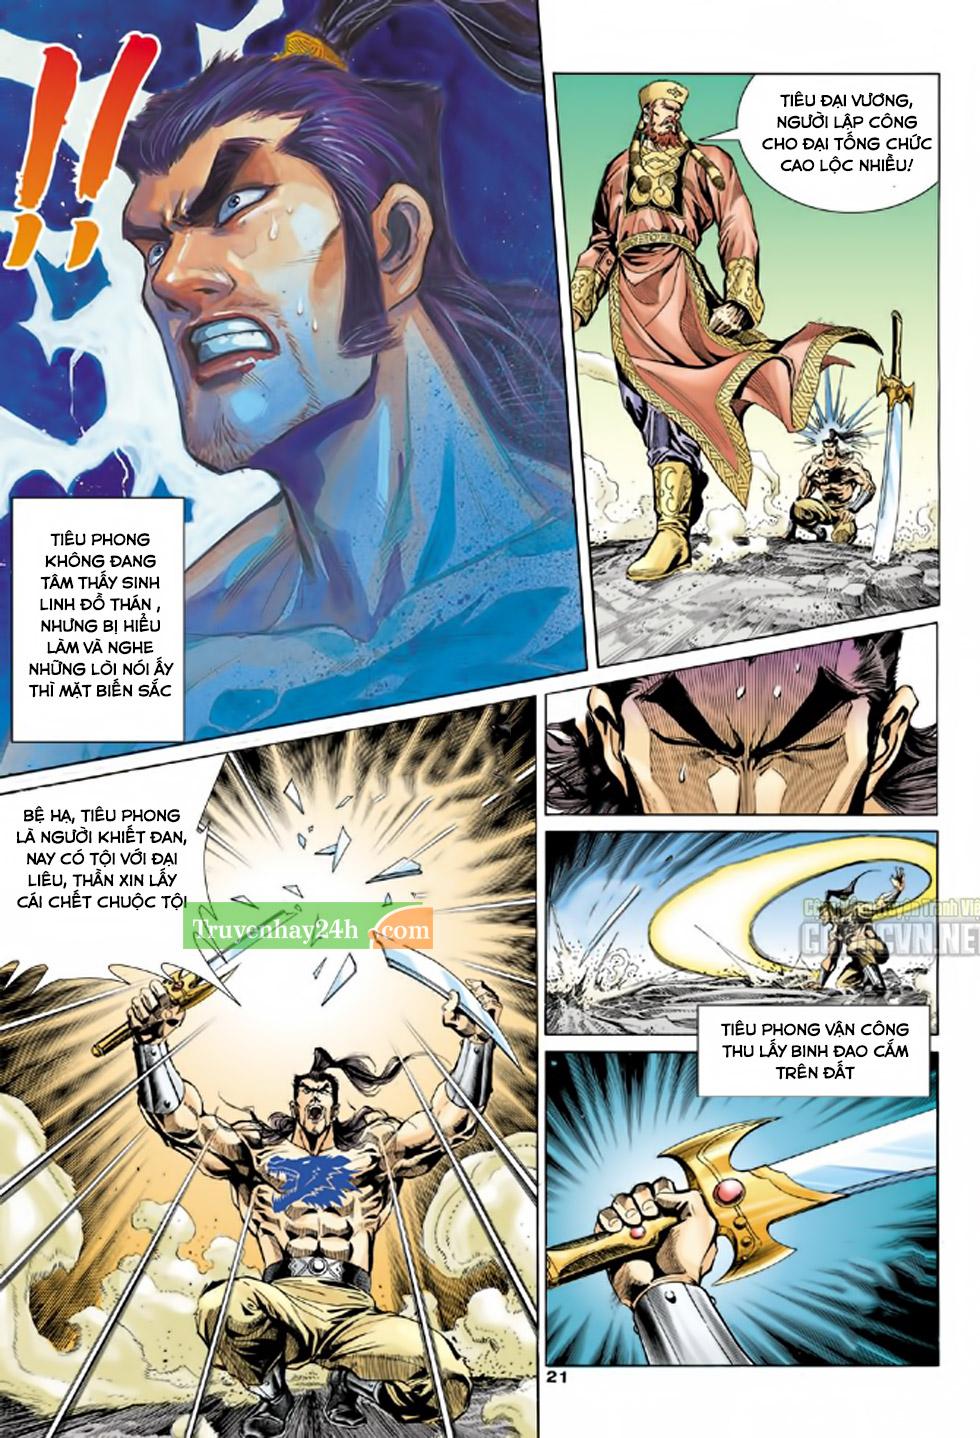 Thiên Long Bát Bộ chap 100 – End Trang 22 - Mangak.info